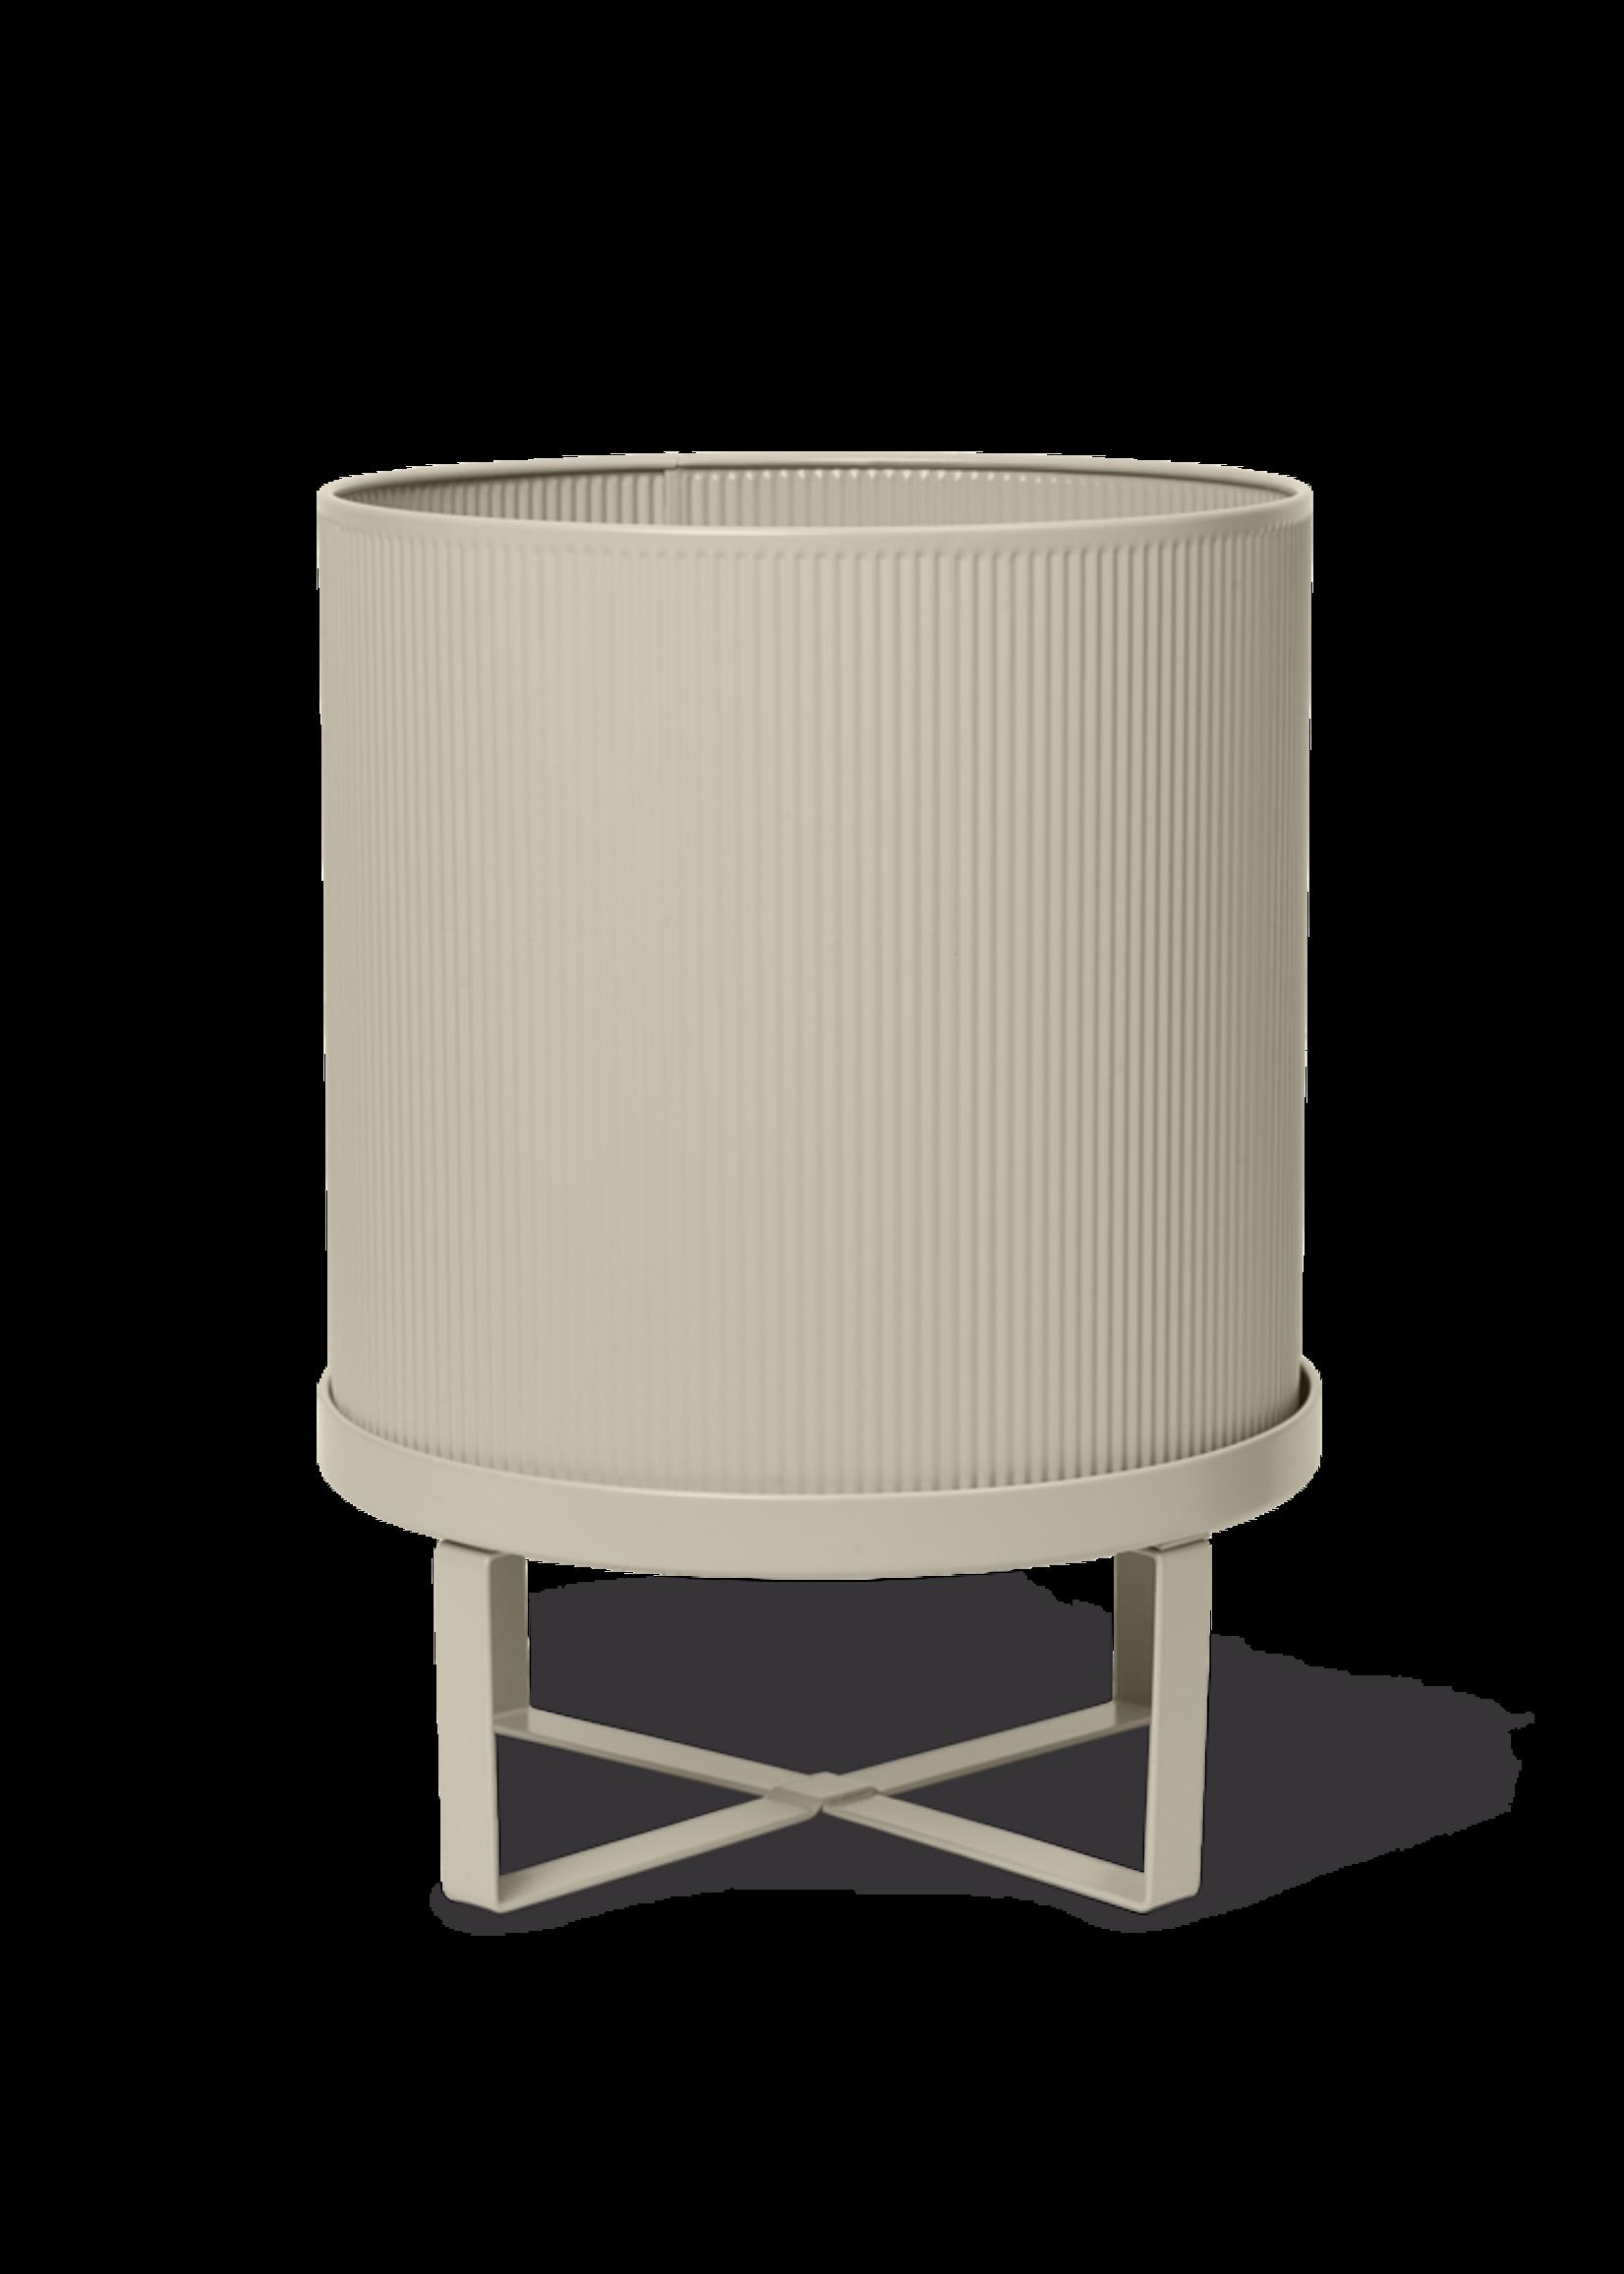 ferm LIVING ferm LIVING Bau Plant Pot - Cashmere - Large